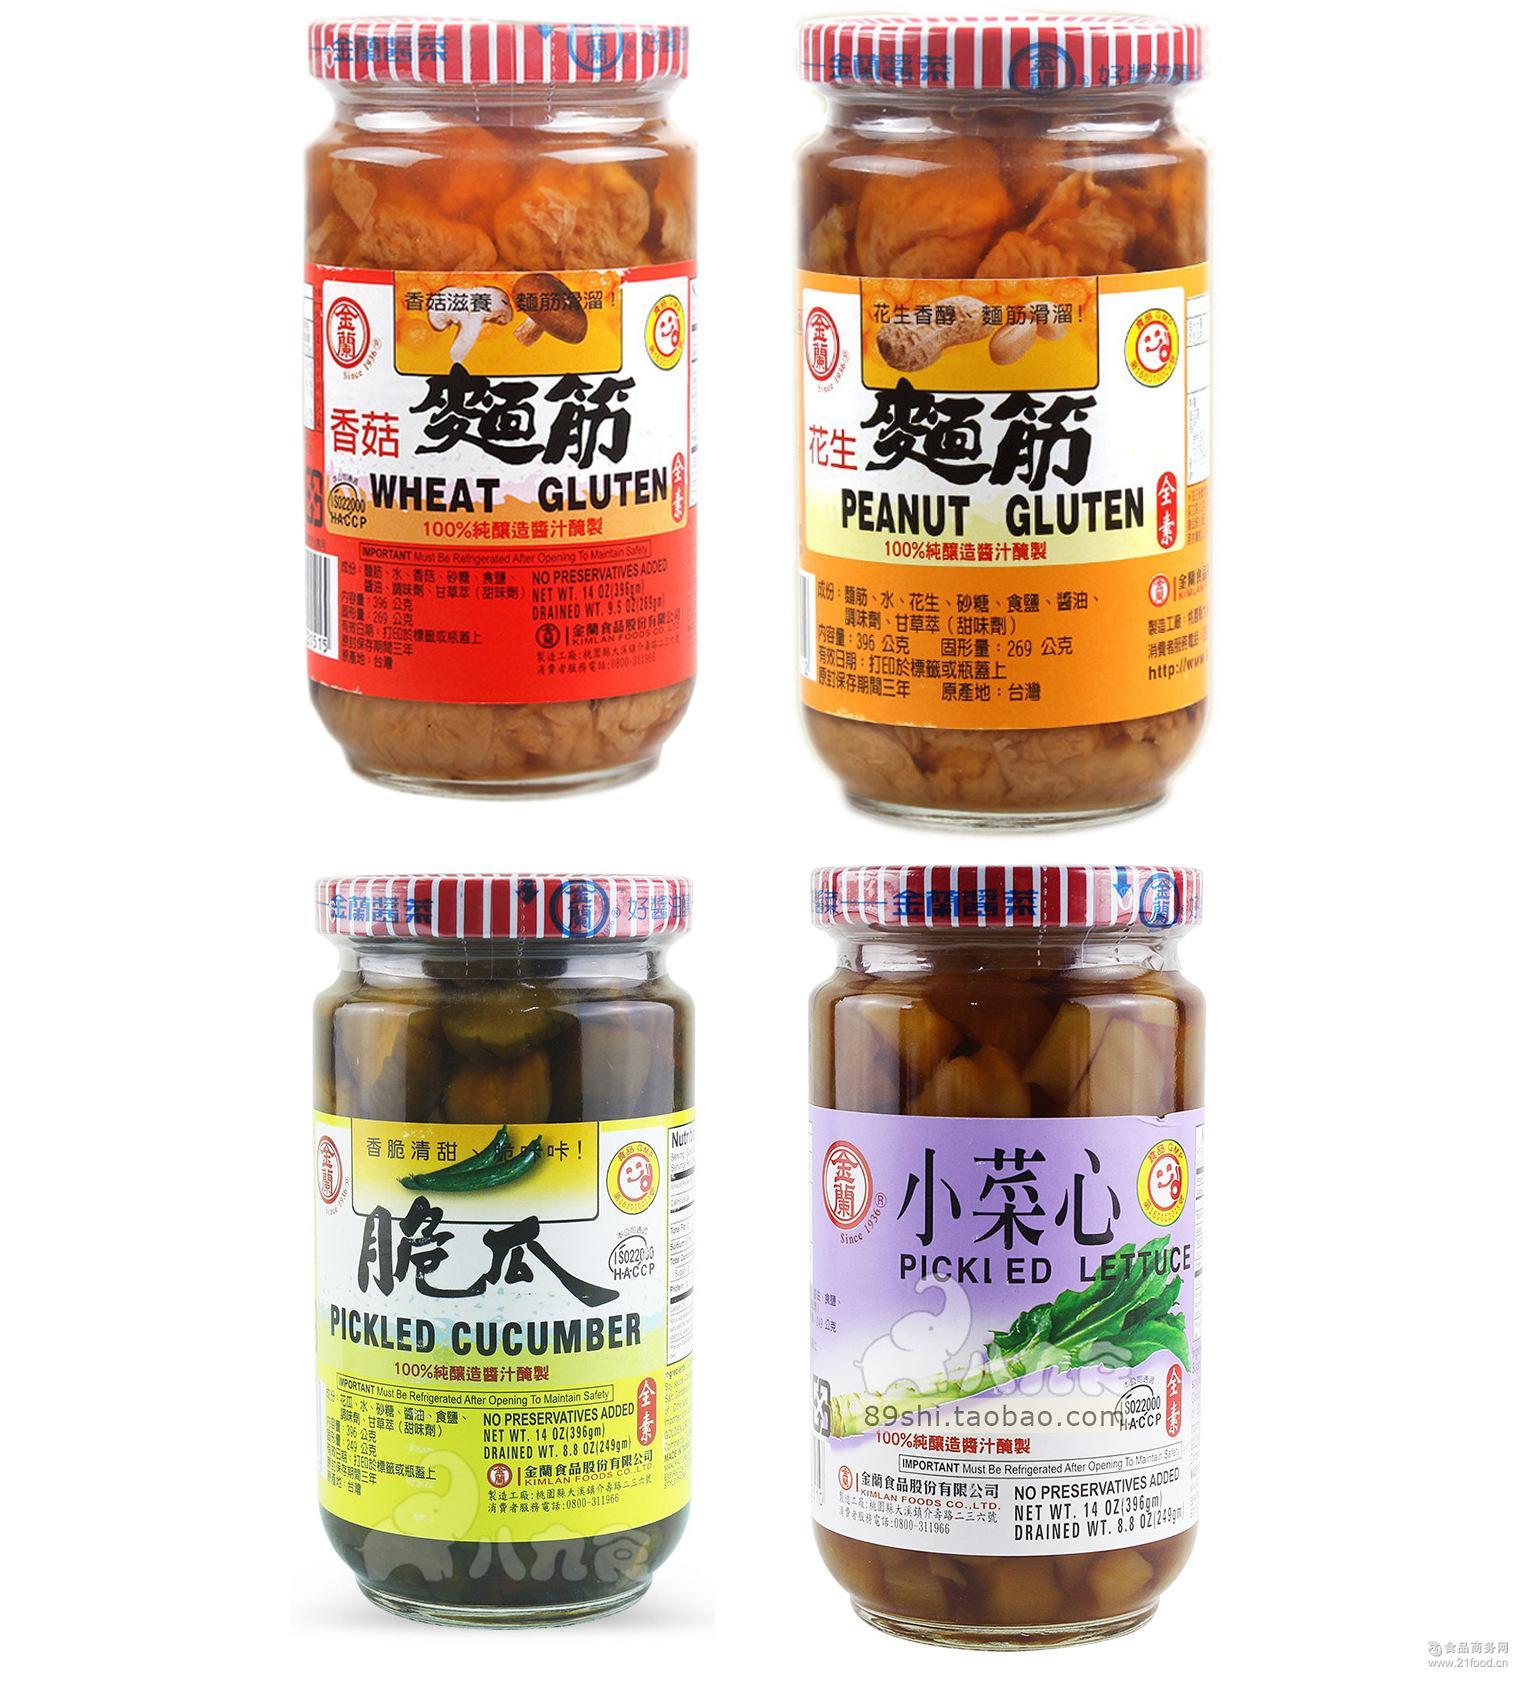 台湾进口金兰香菇面筋脆瓜小菜心花生面筋脆瓜396g开胃下饭菜